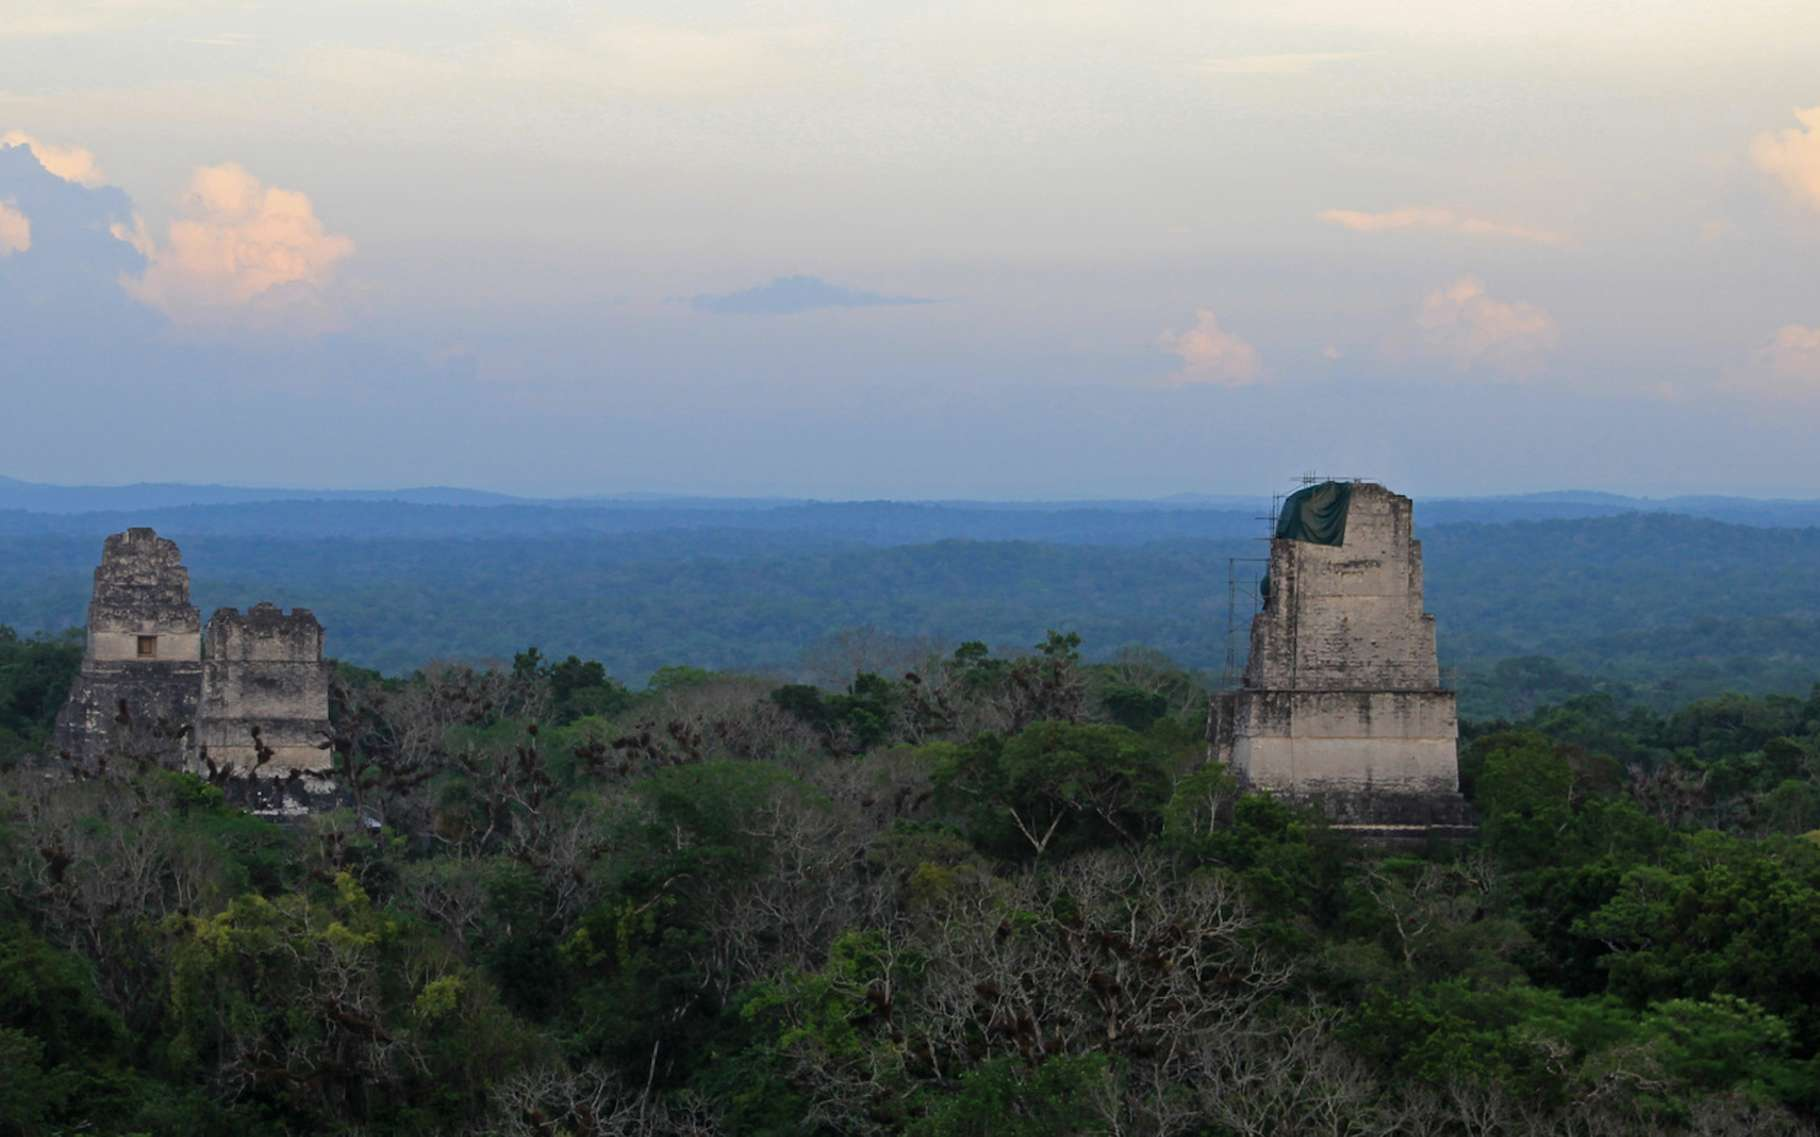 C'est dans la jungle du Guatemala, à Tikal, ici en photo, que des chercheurs viennent de découvrir une nouvelle cité maya géante. © reisegraf.ch, Fotolia